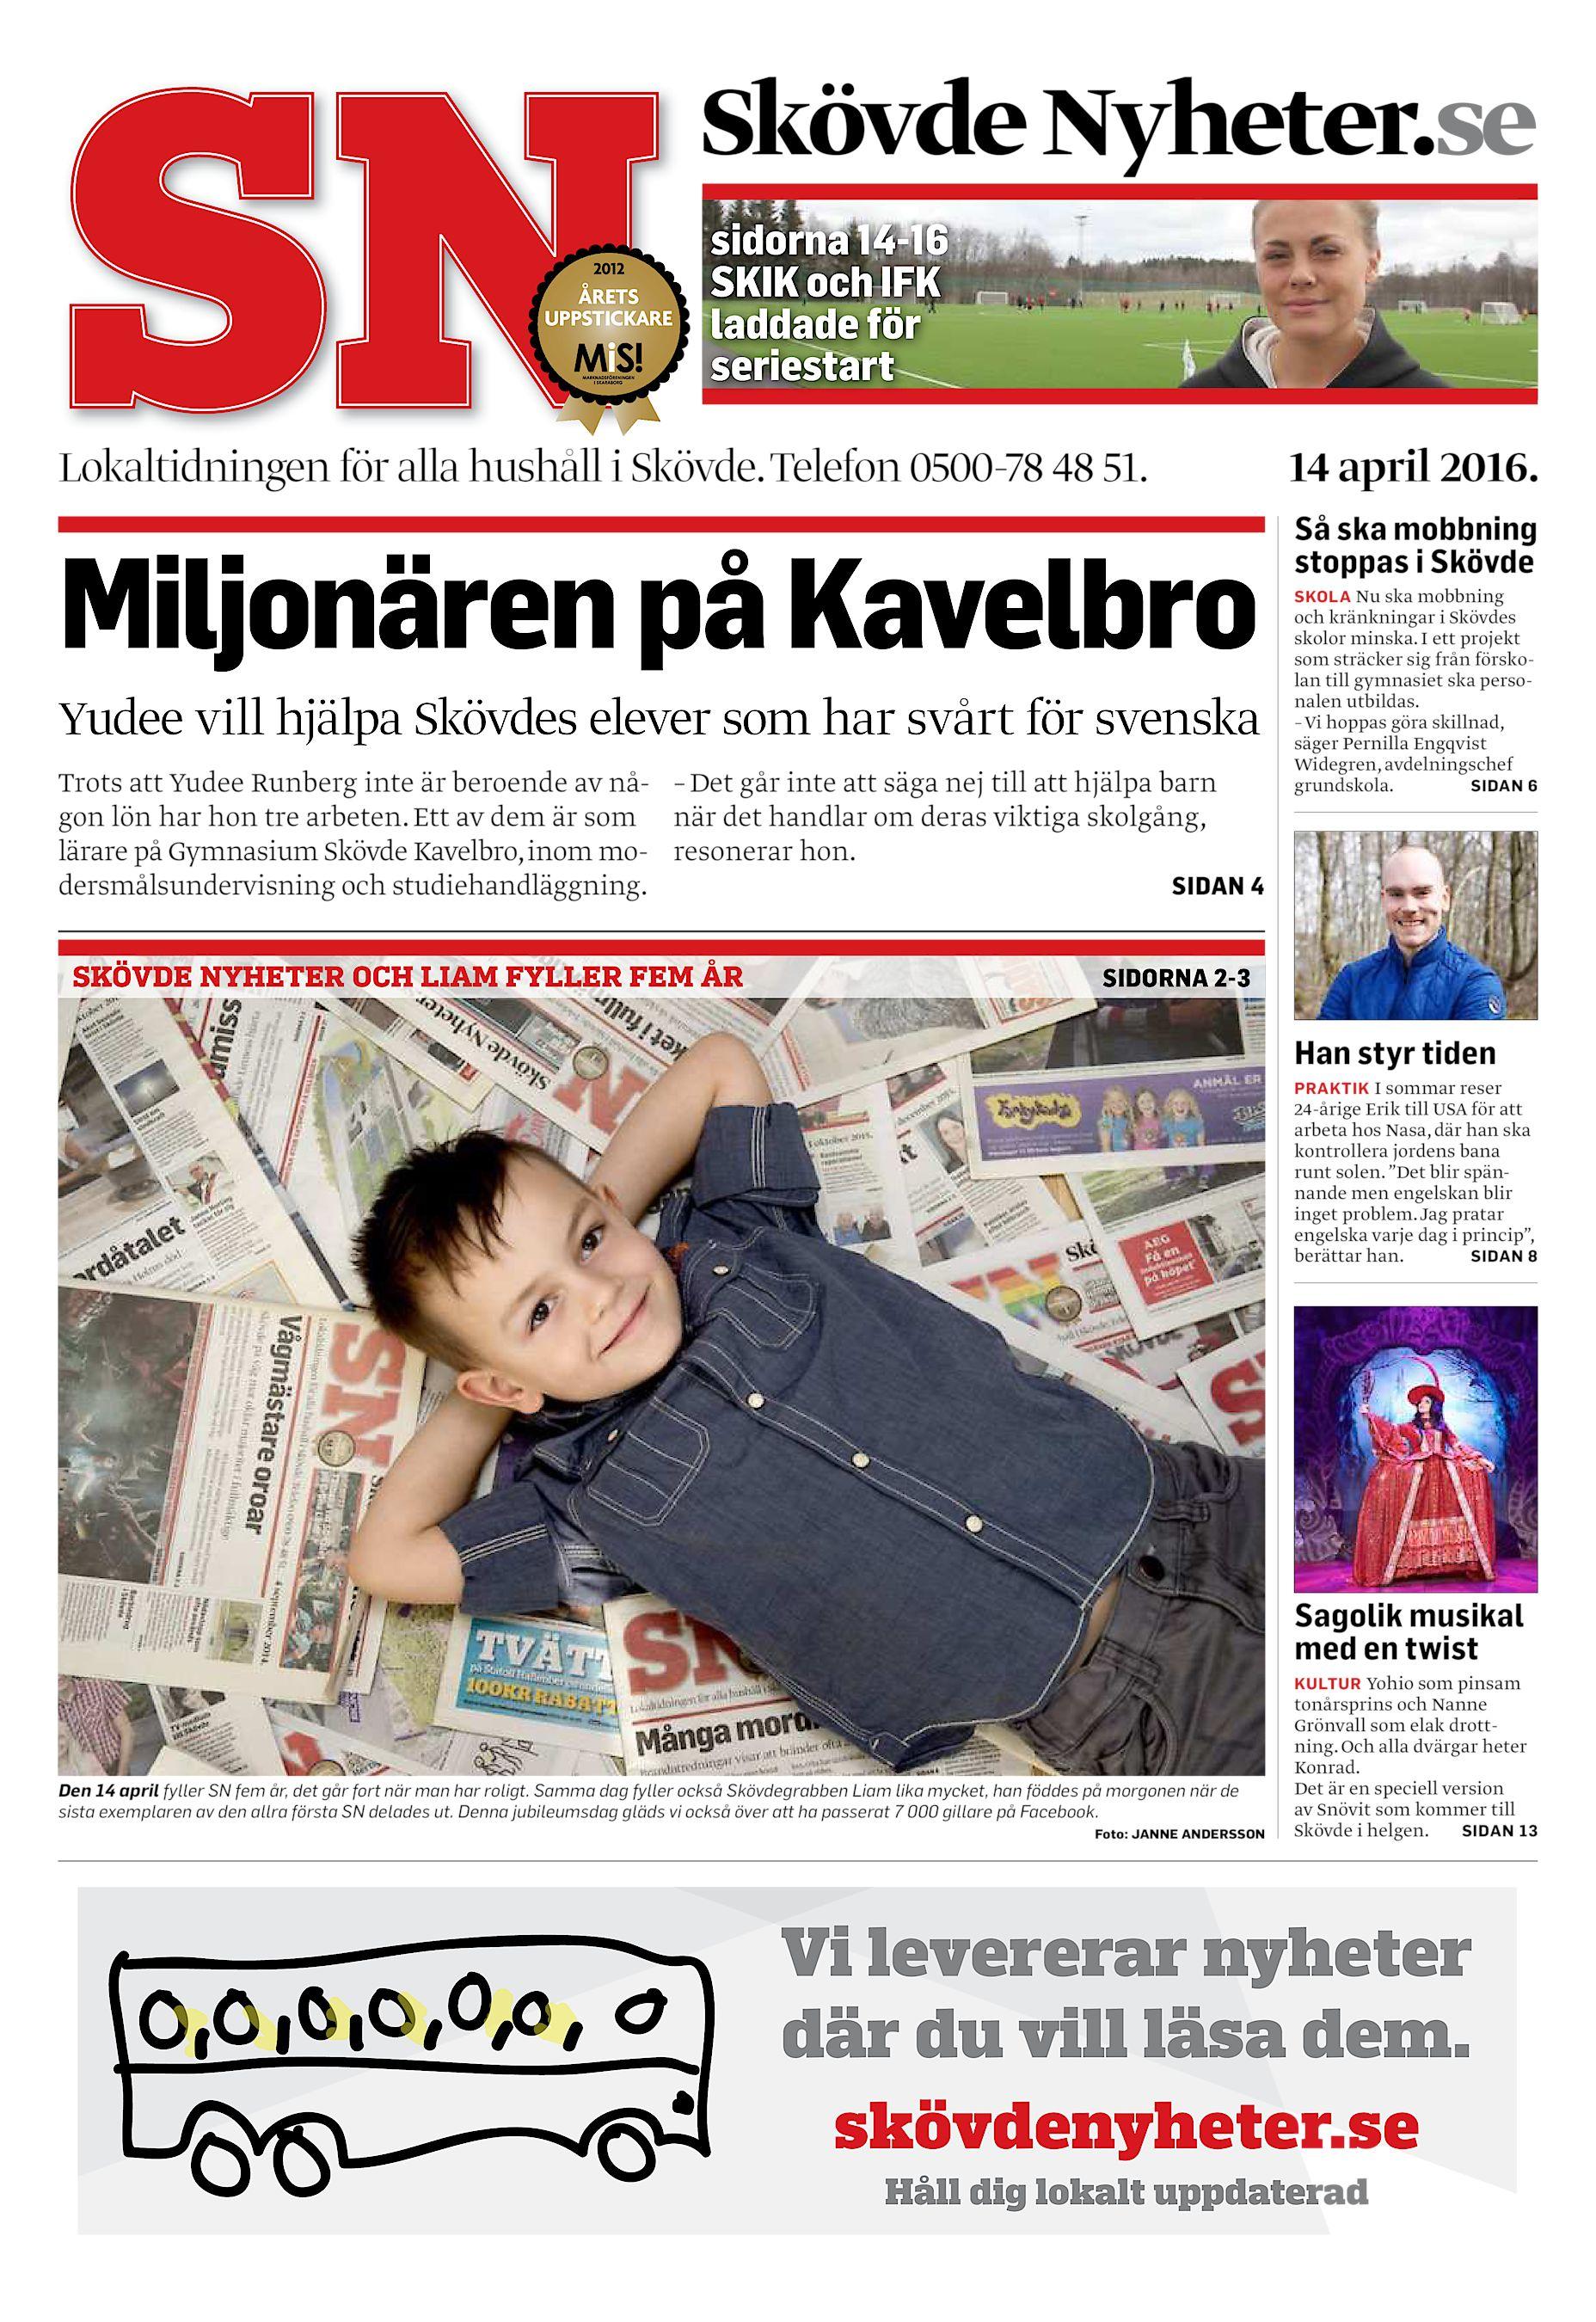 Skövde Nyheter.se sidorna 14-16 SKIK och IFK laddade för seriestart  Lokaltidningen för alla hushåll i Skövde. Telefon 0500-78 48 51. f81f661a44301